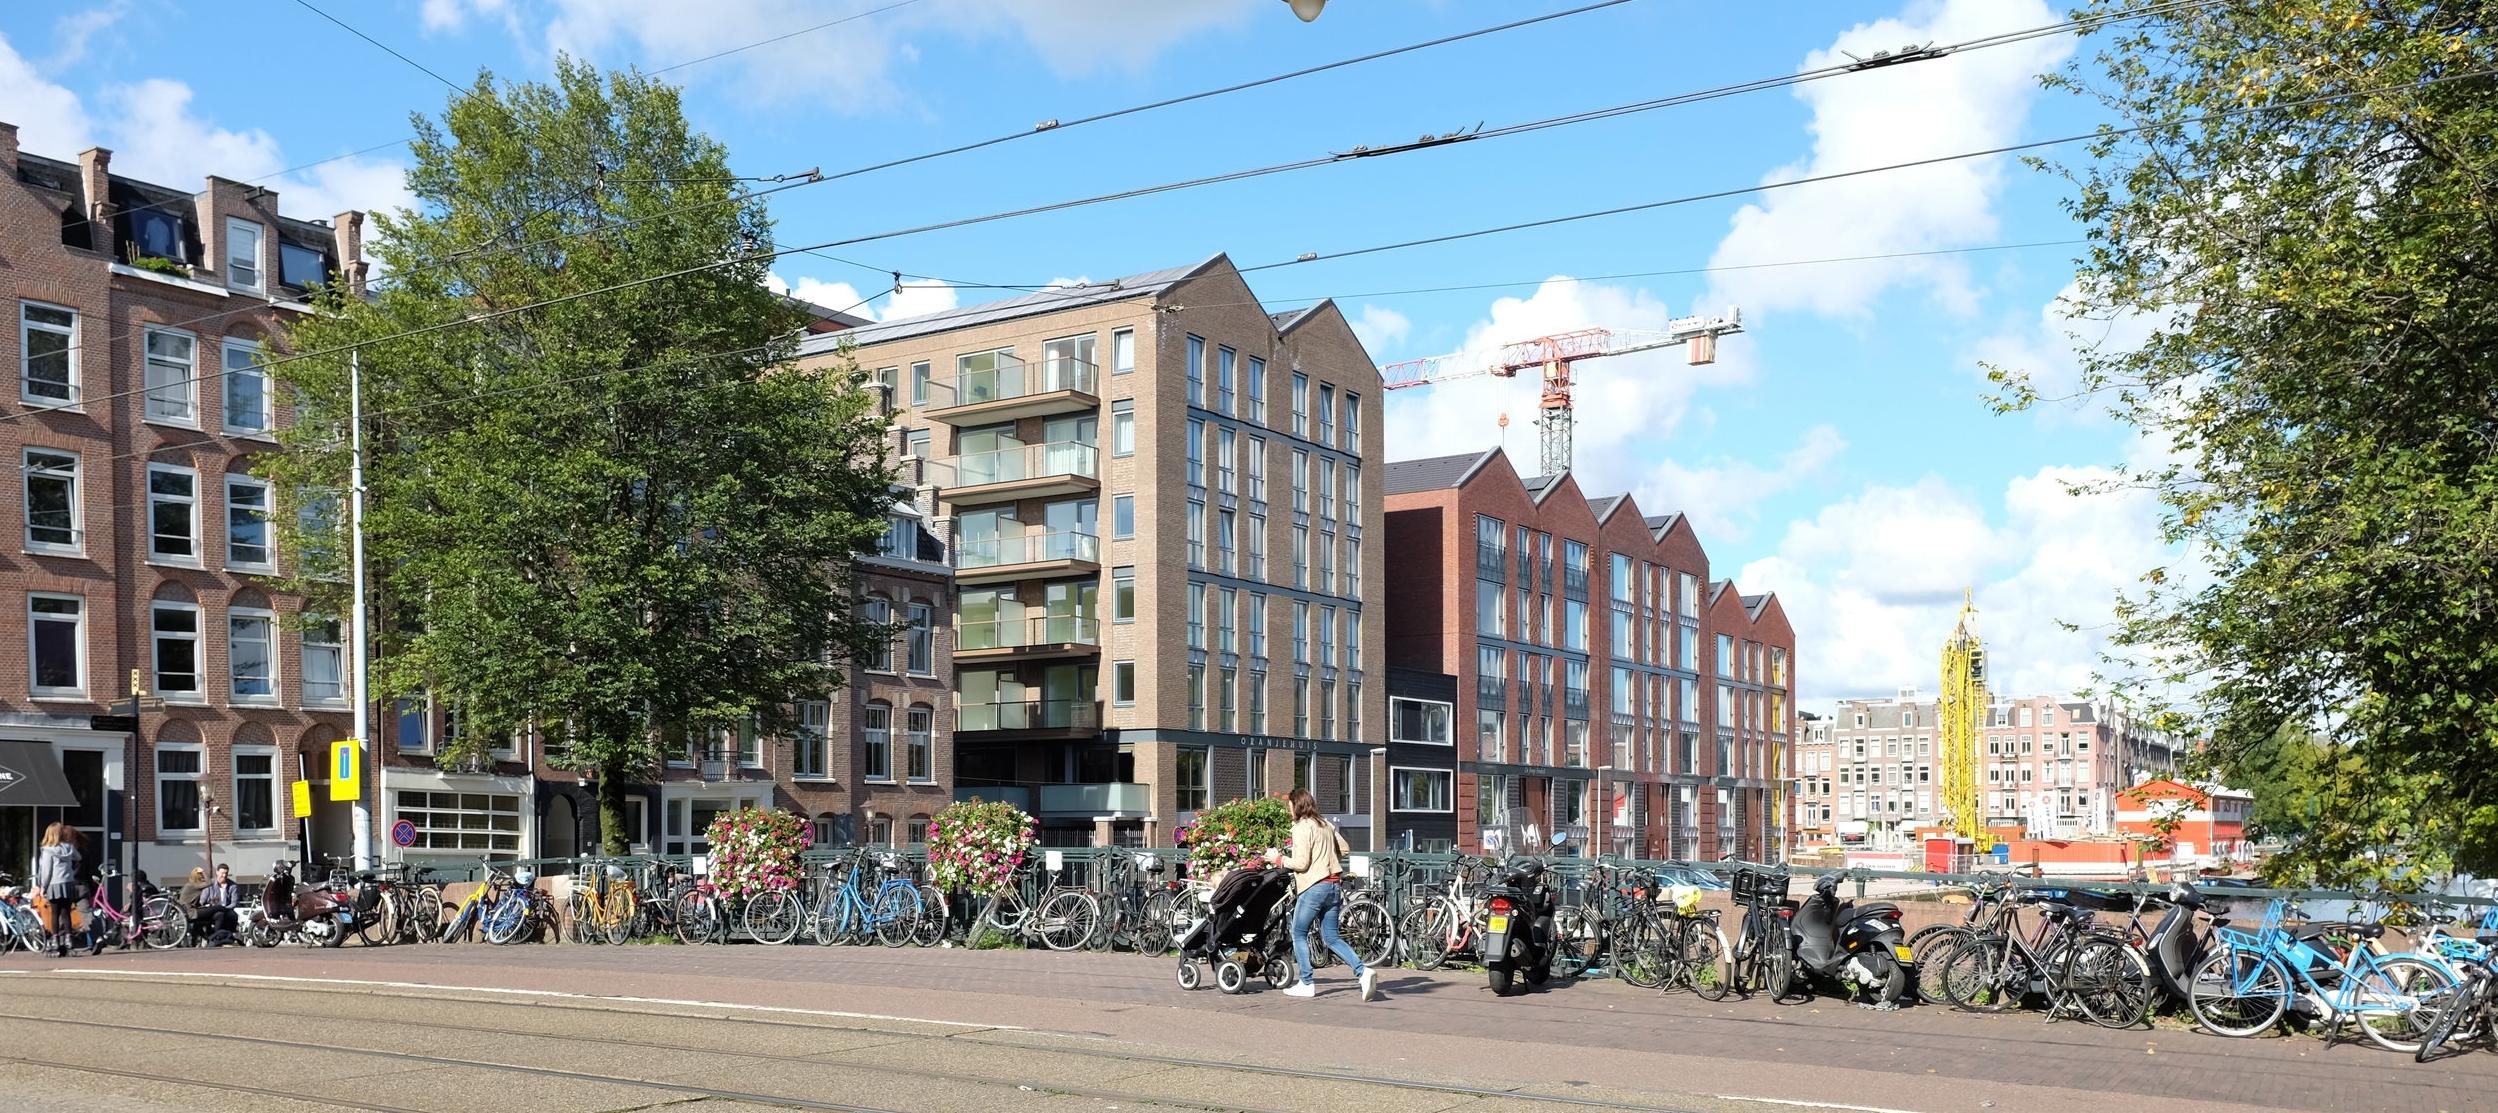 Zichtbaar en in het hart van de Kinkerbuurt. Het Oranje Huis gezien vanaf de Kinkerstraat te Amsterdam